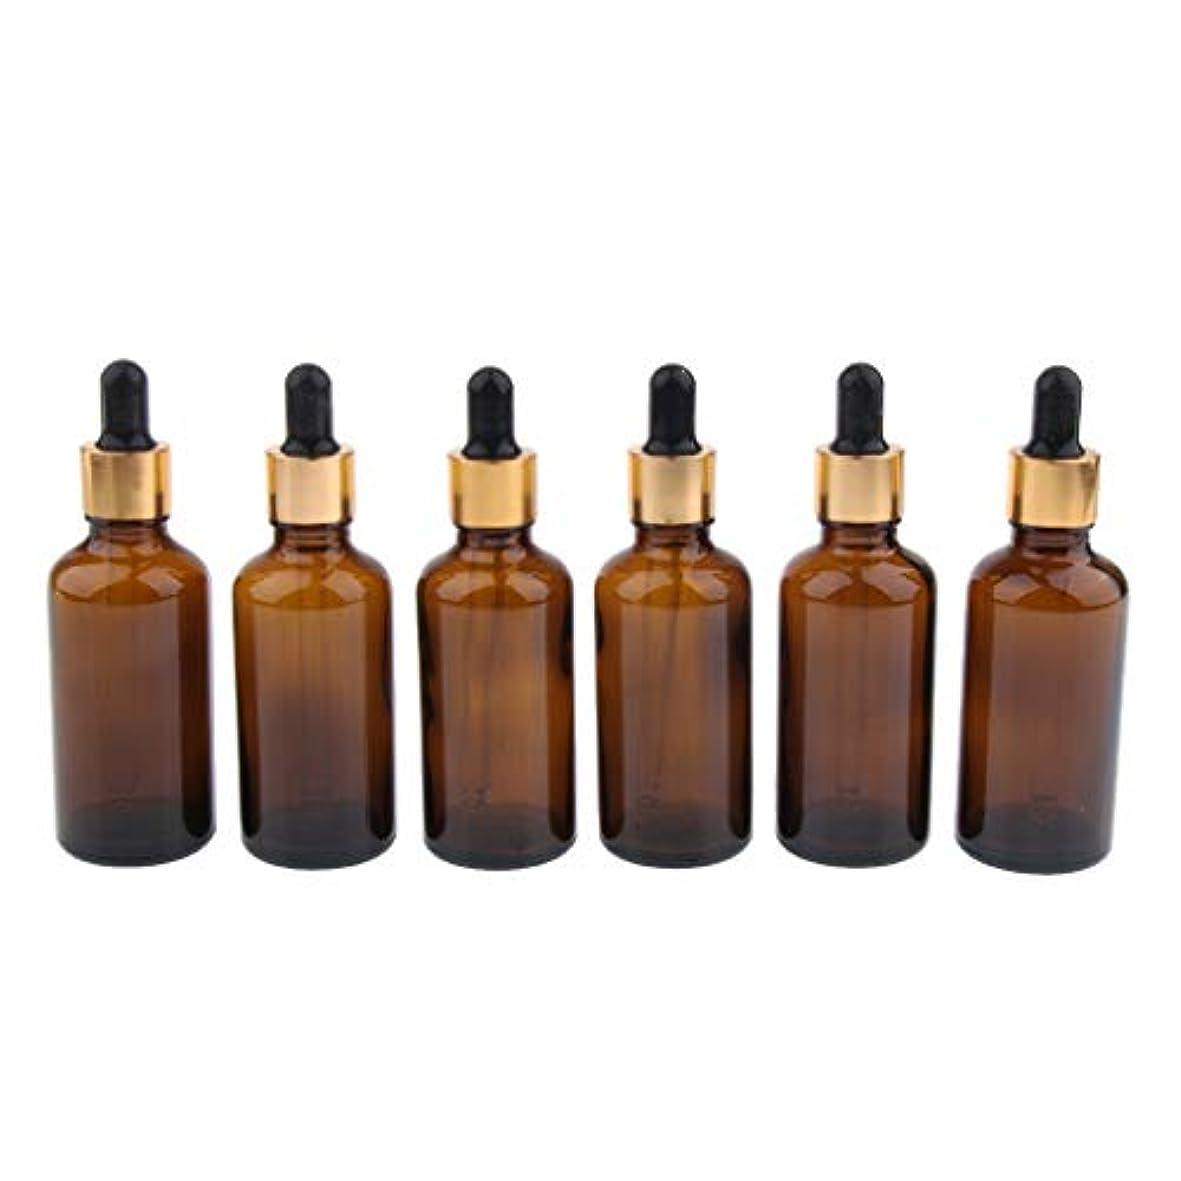 ランドリー取得する味付けIPOTCH 6本 遮光ビン 精油瓶 香水瓶 空ボトル スポイト ガラス 詰め替え マルチ容量 - 30ml